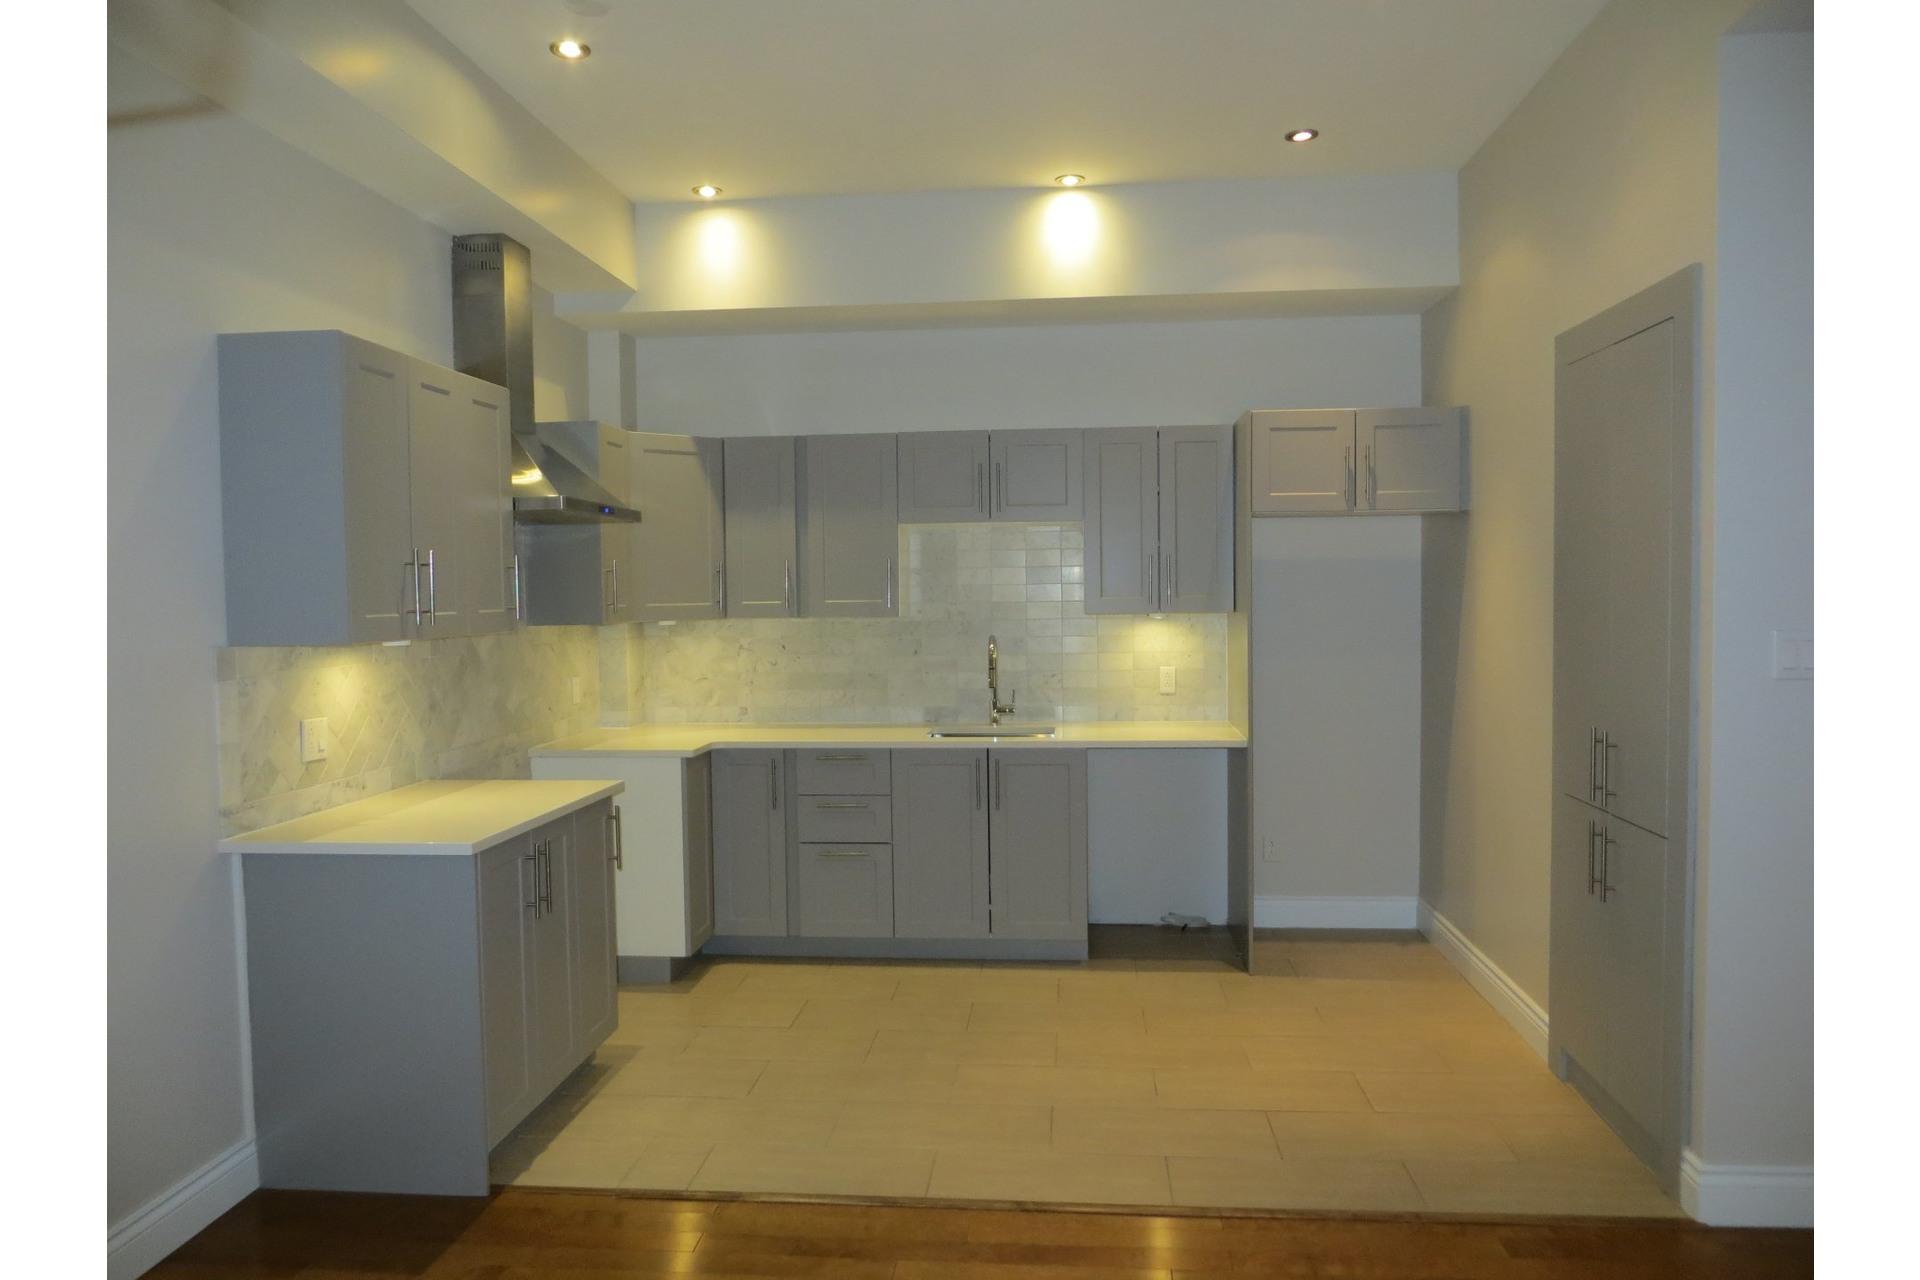 image 21 - Appartement À vendre Côte-des-Neiges/Notre-Dame-de-Grâce Montréal  - 5 pièces